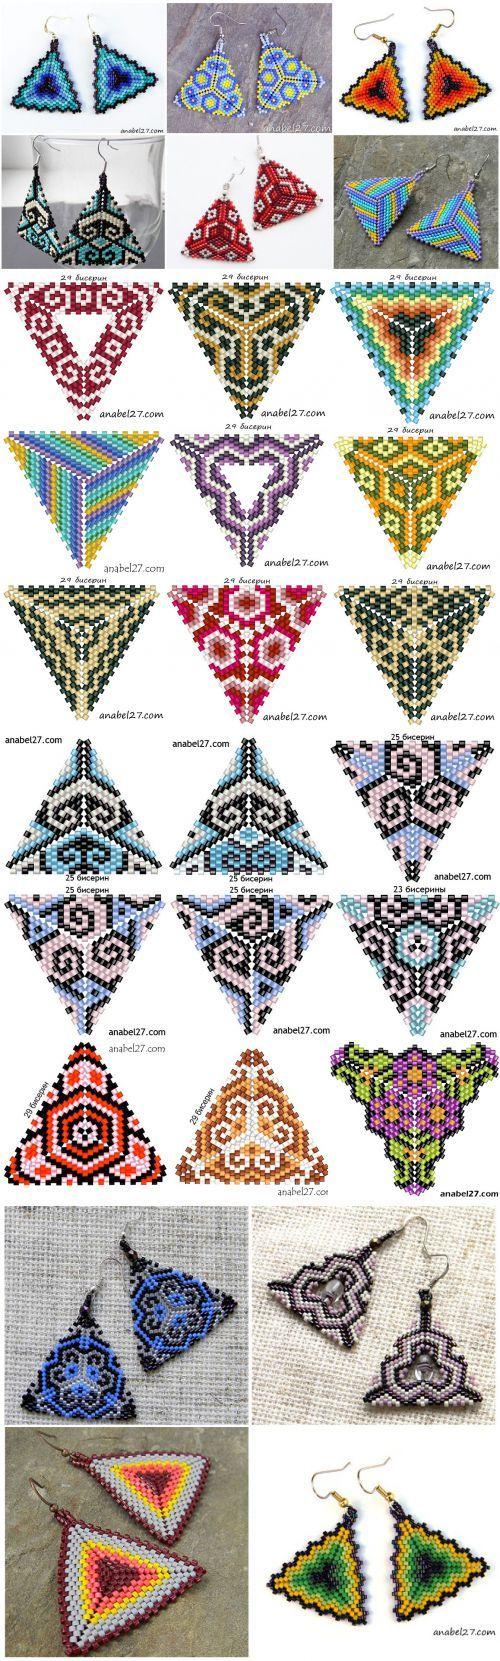 18 схем треугольников / Серьги / Biserok.org | Бисерные чудеса | Постила